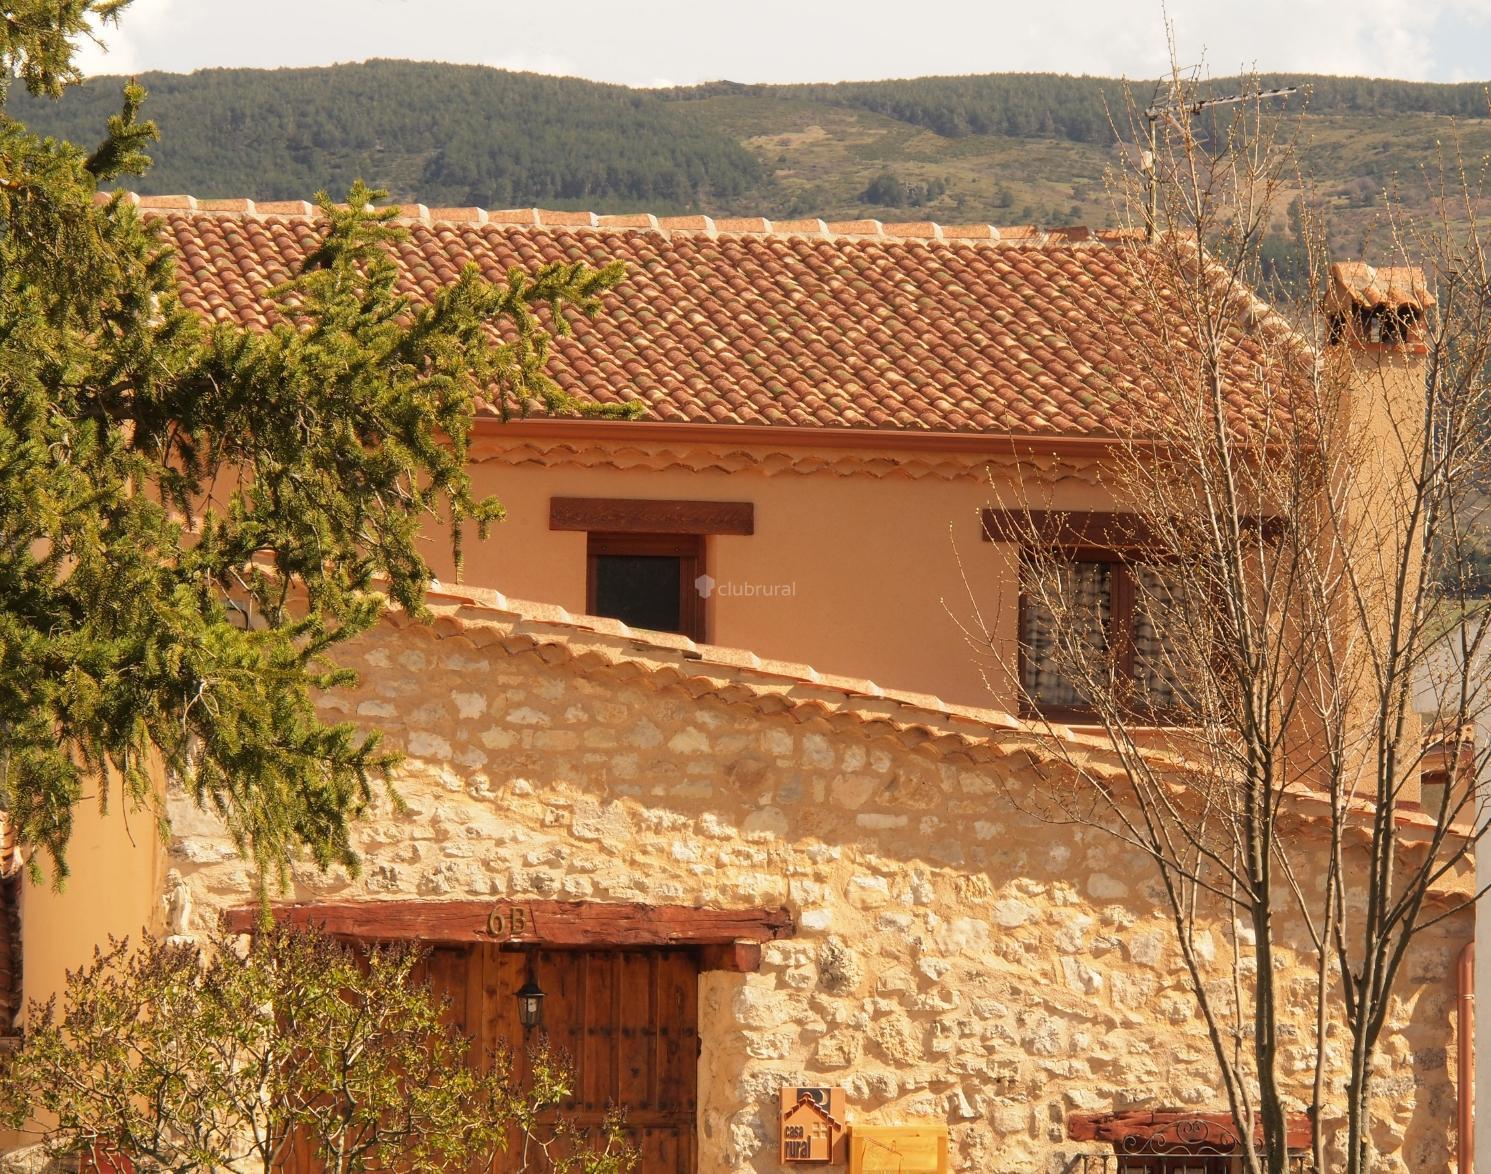 Fotos de la casa de las azas segovia casla clubrural - Apartamentos rurales segovia ...